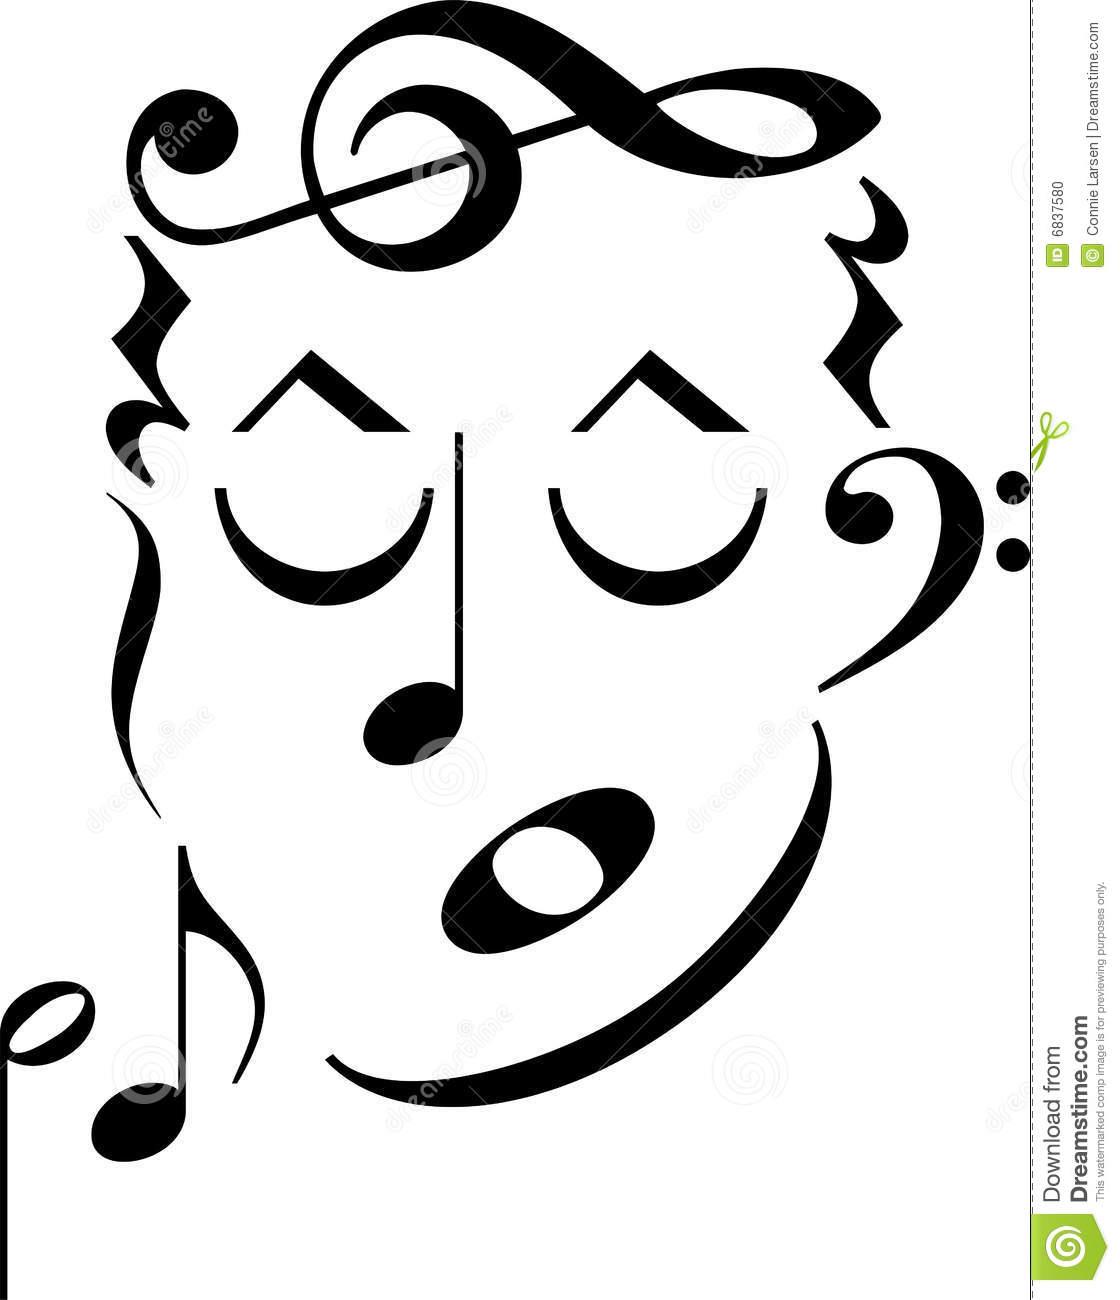 Musician clipart street play Music cartoon man's made